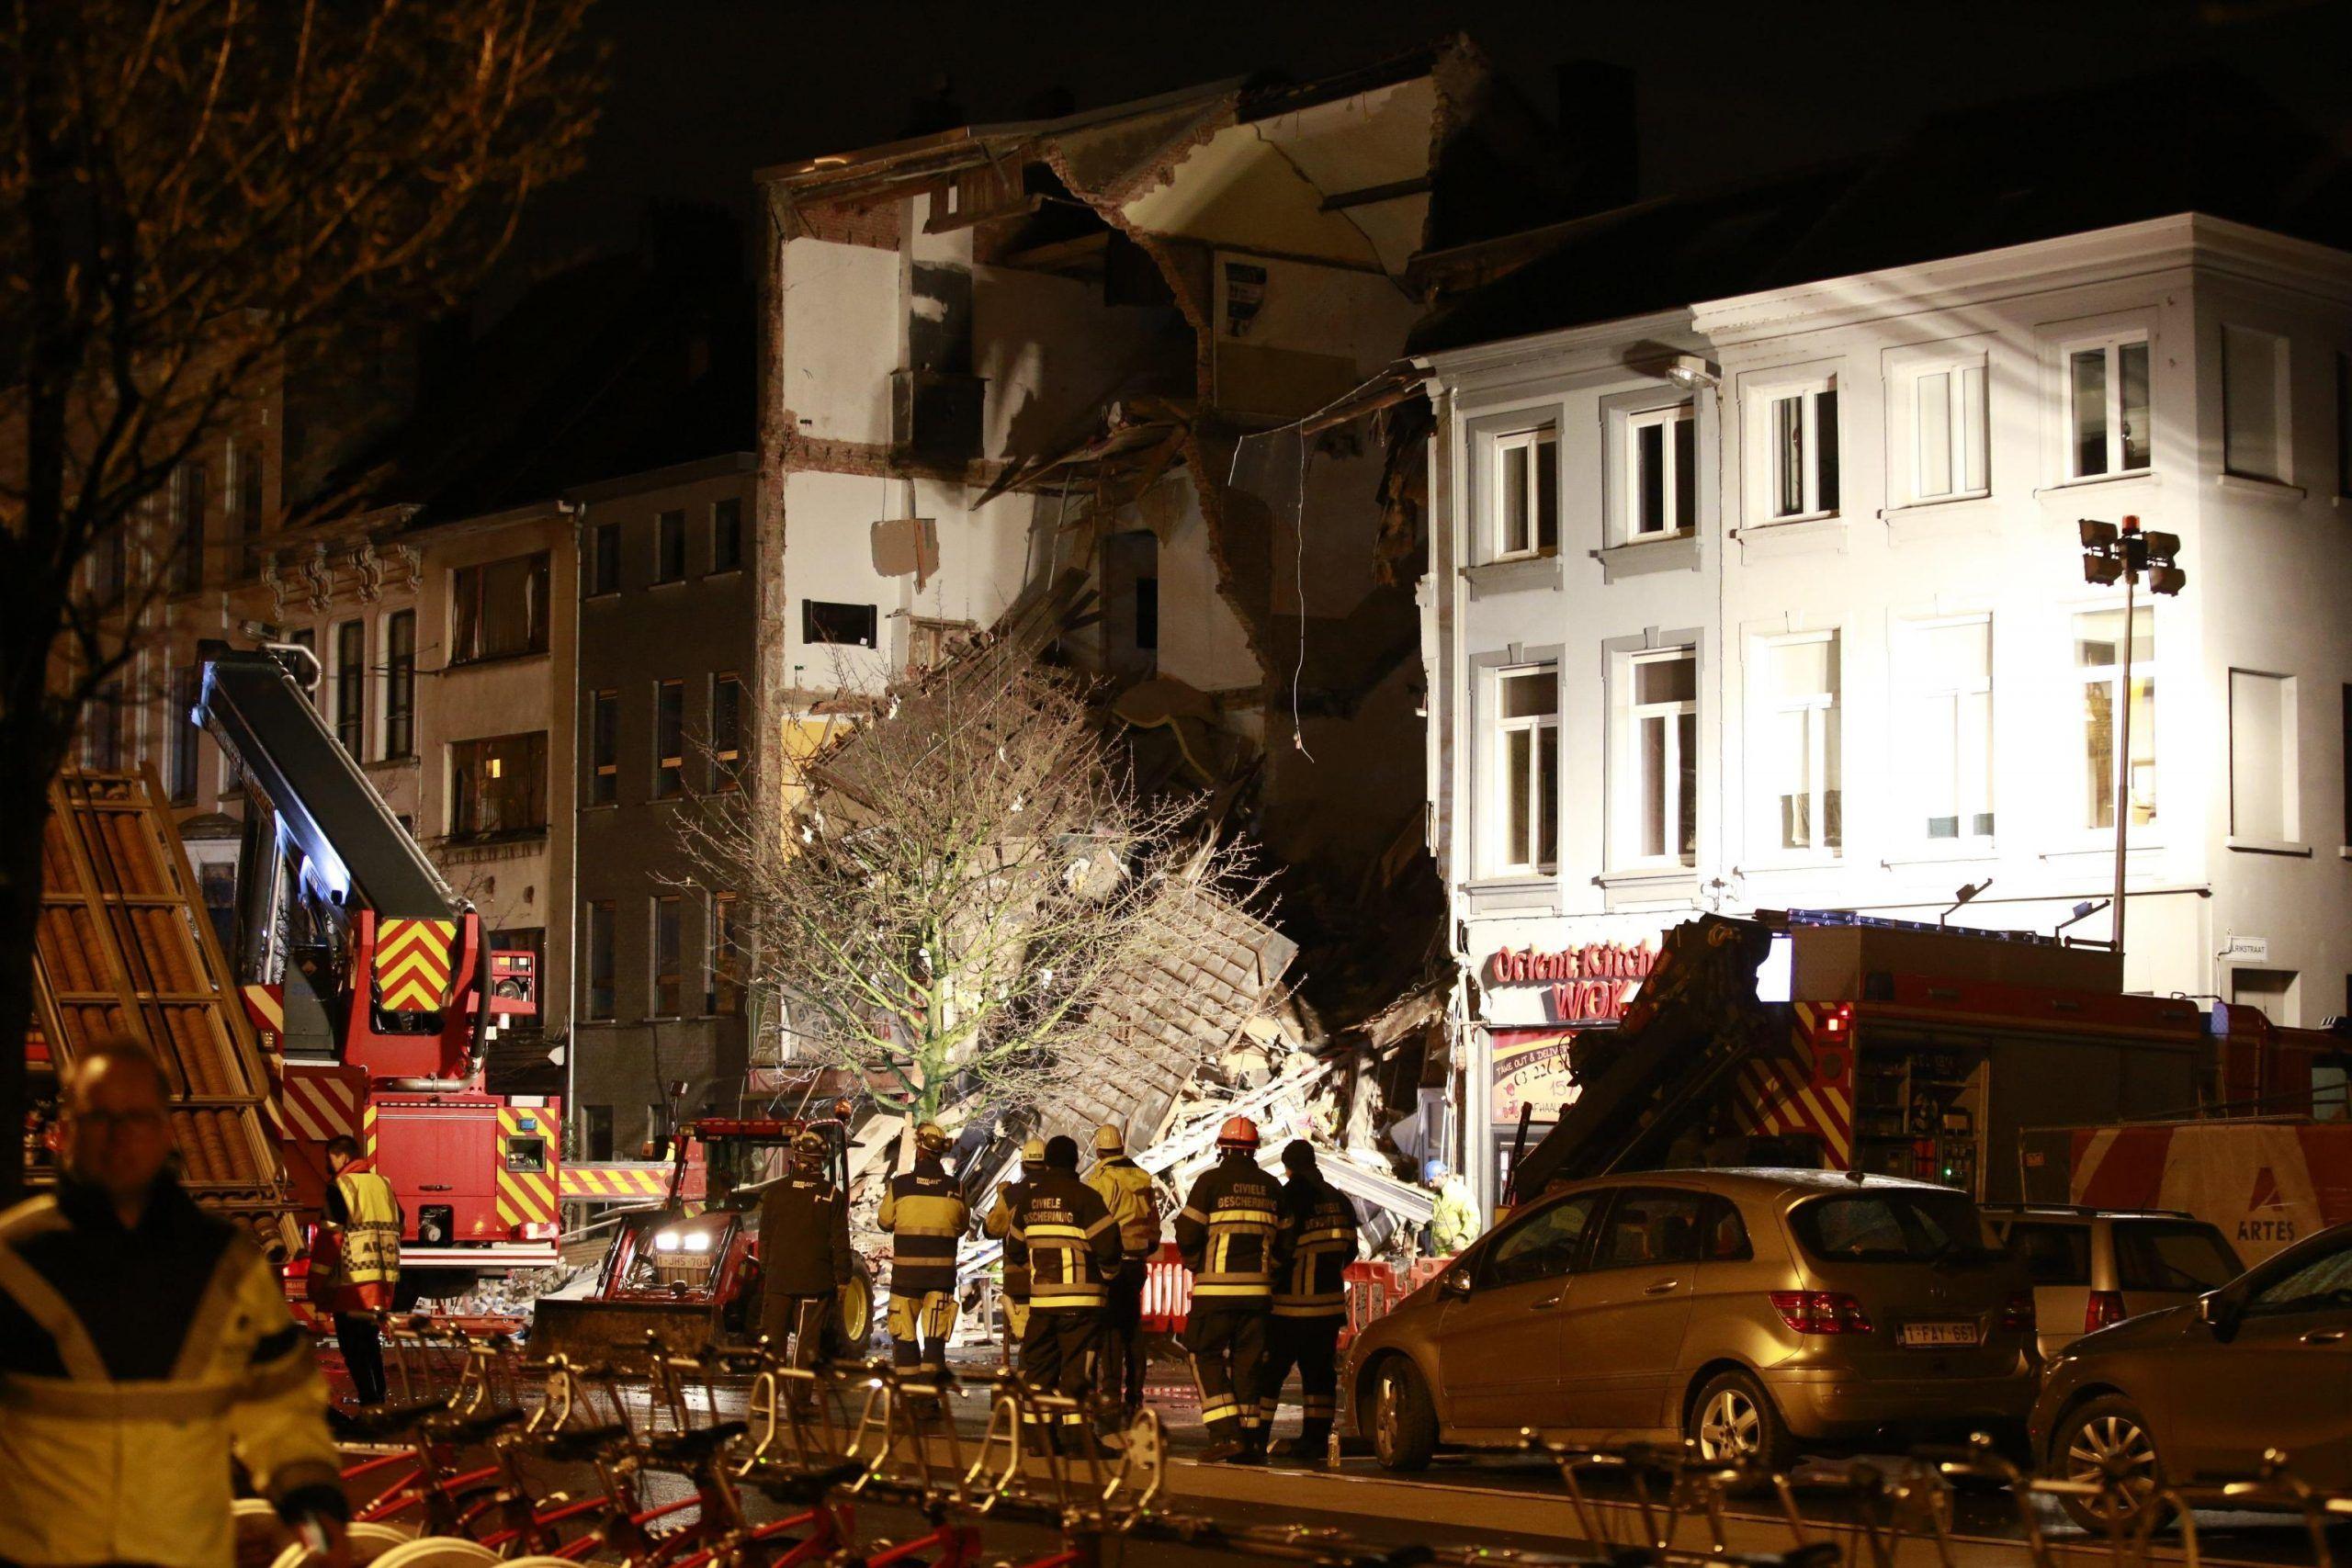 Anversa, esplode palazzo su pizzeria italiana: due morti, non è terrorismo